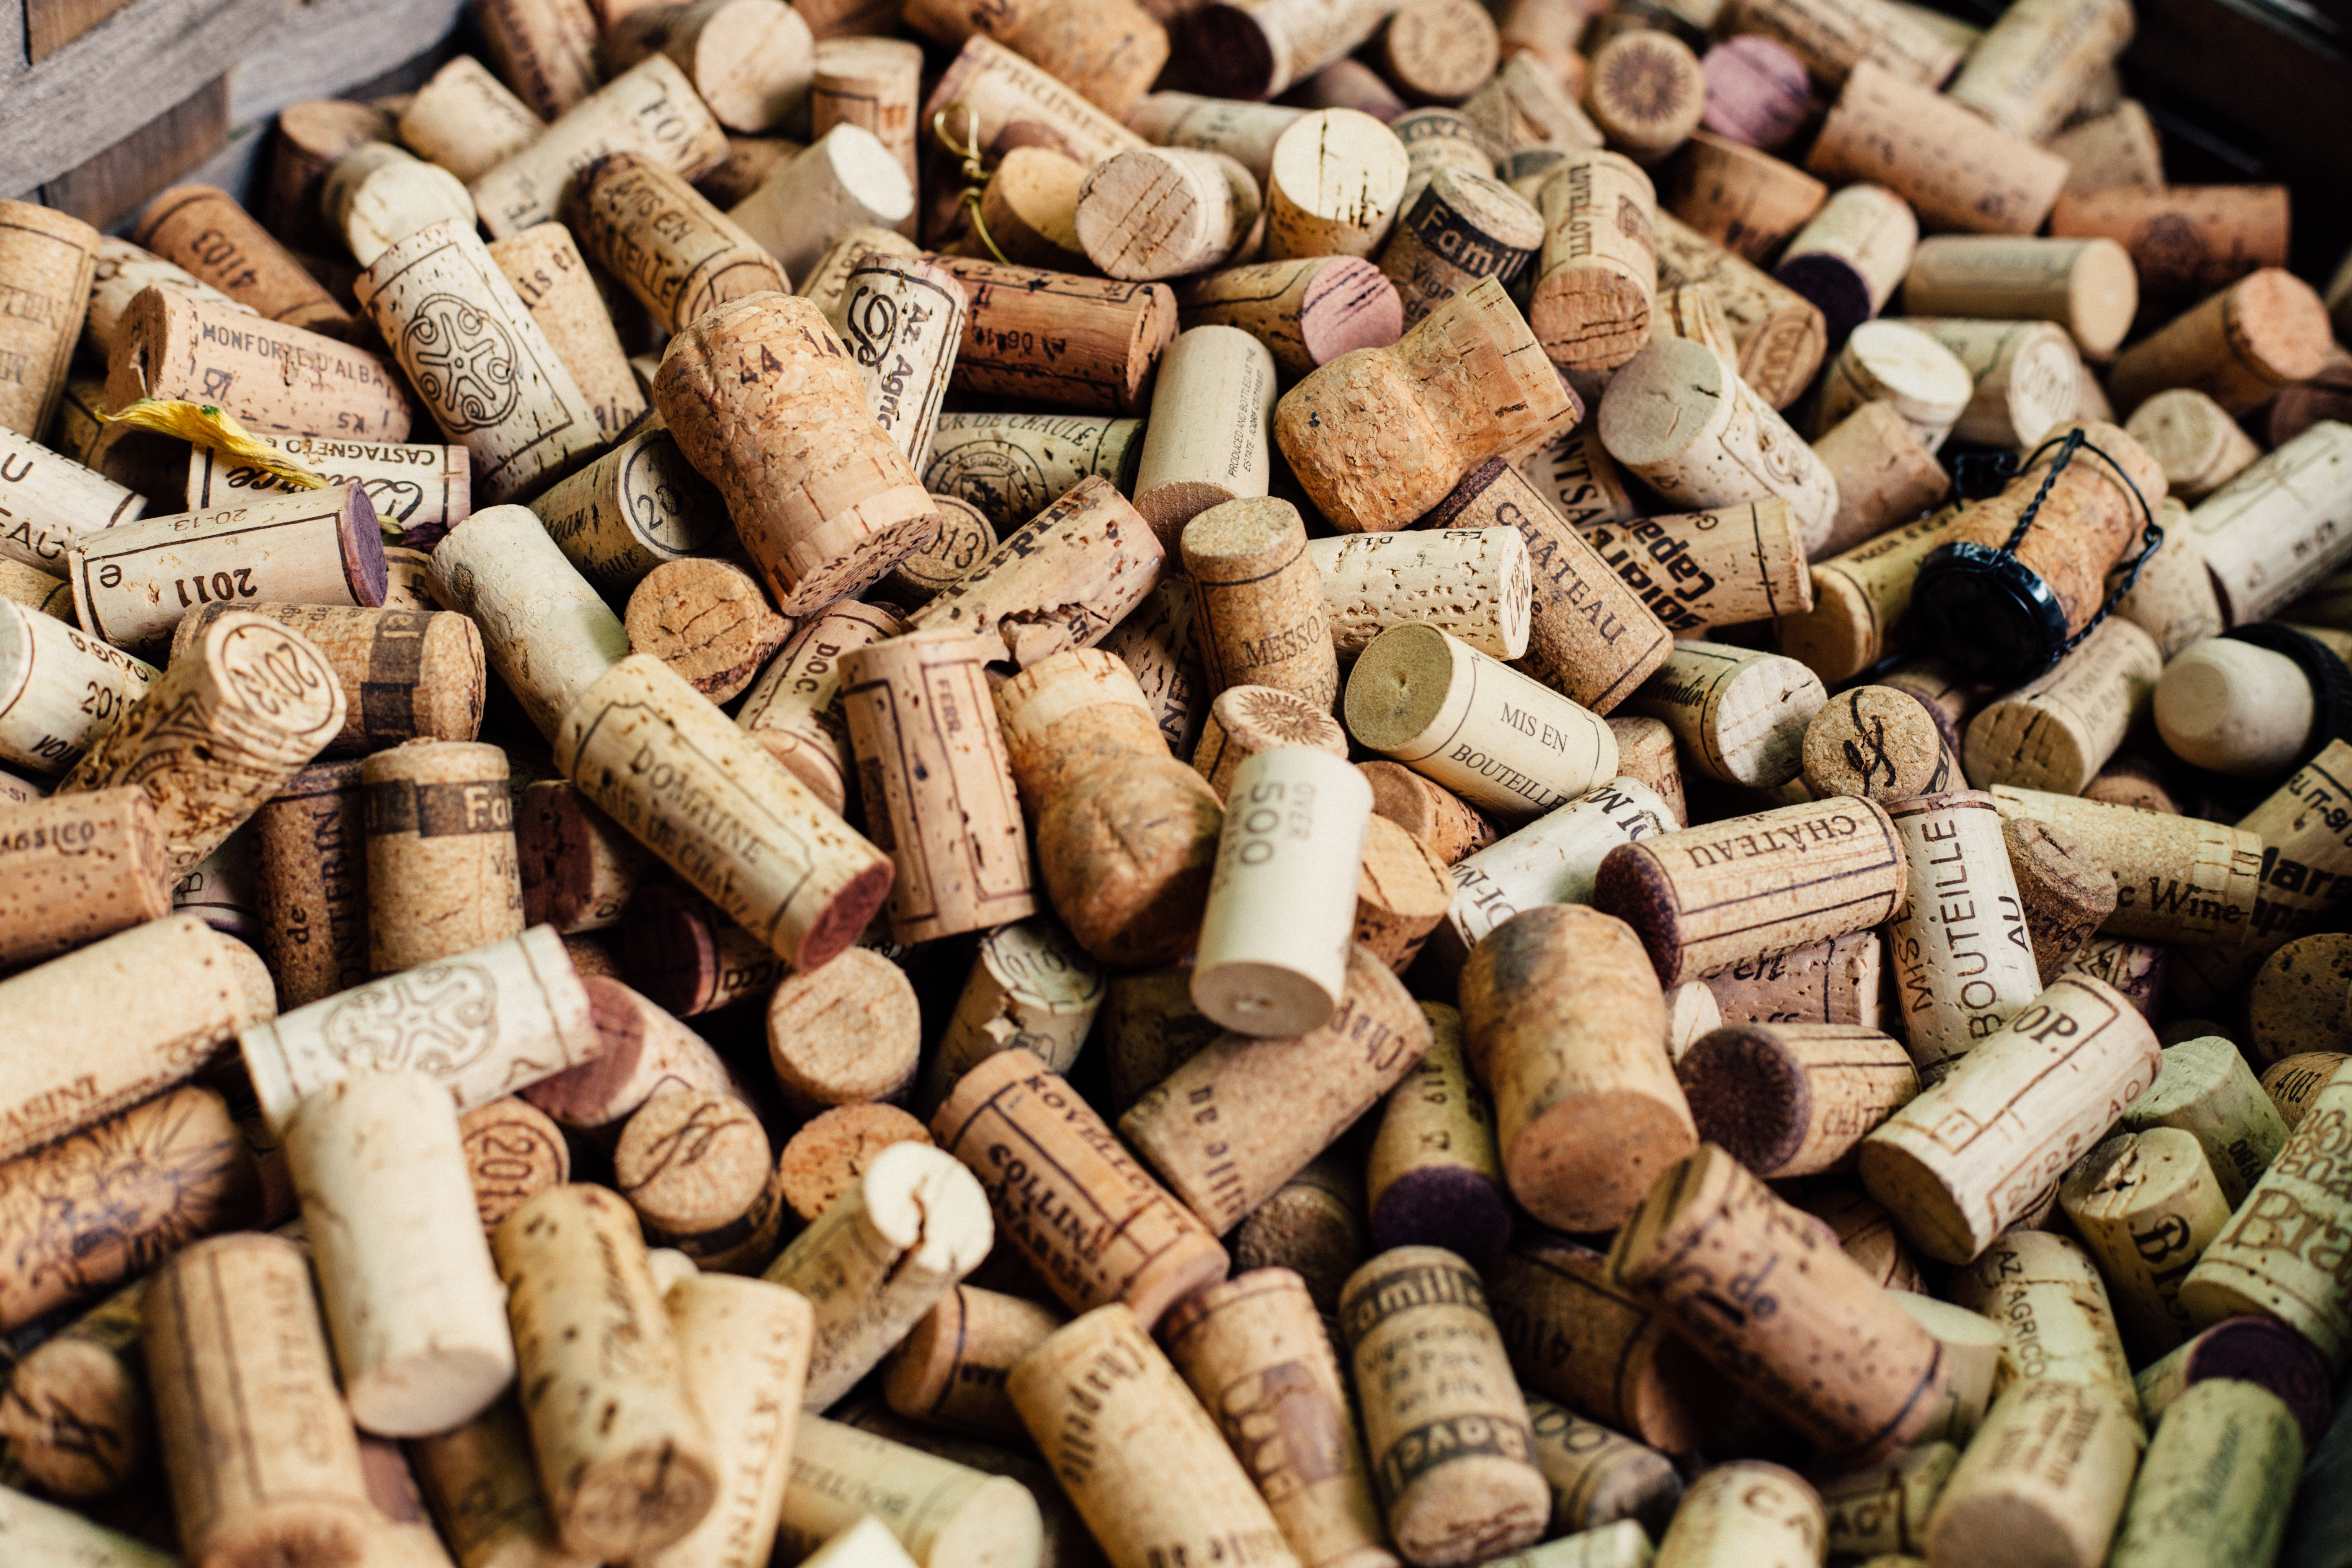 Marques de vins et contrefaçons